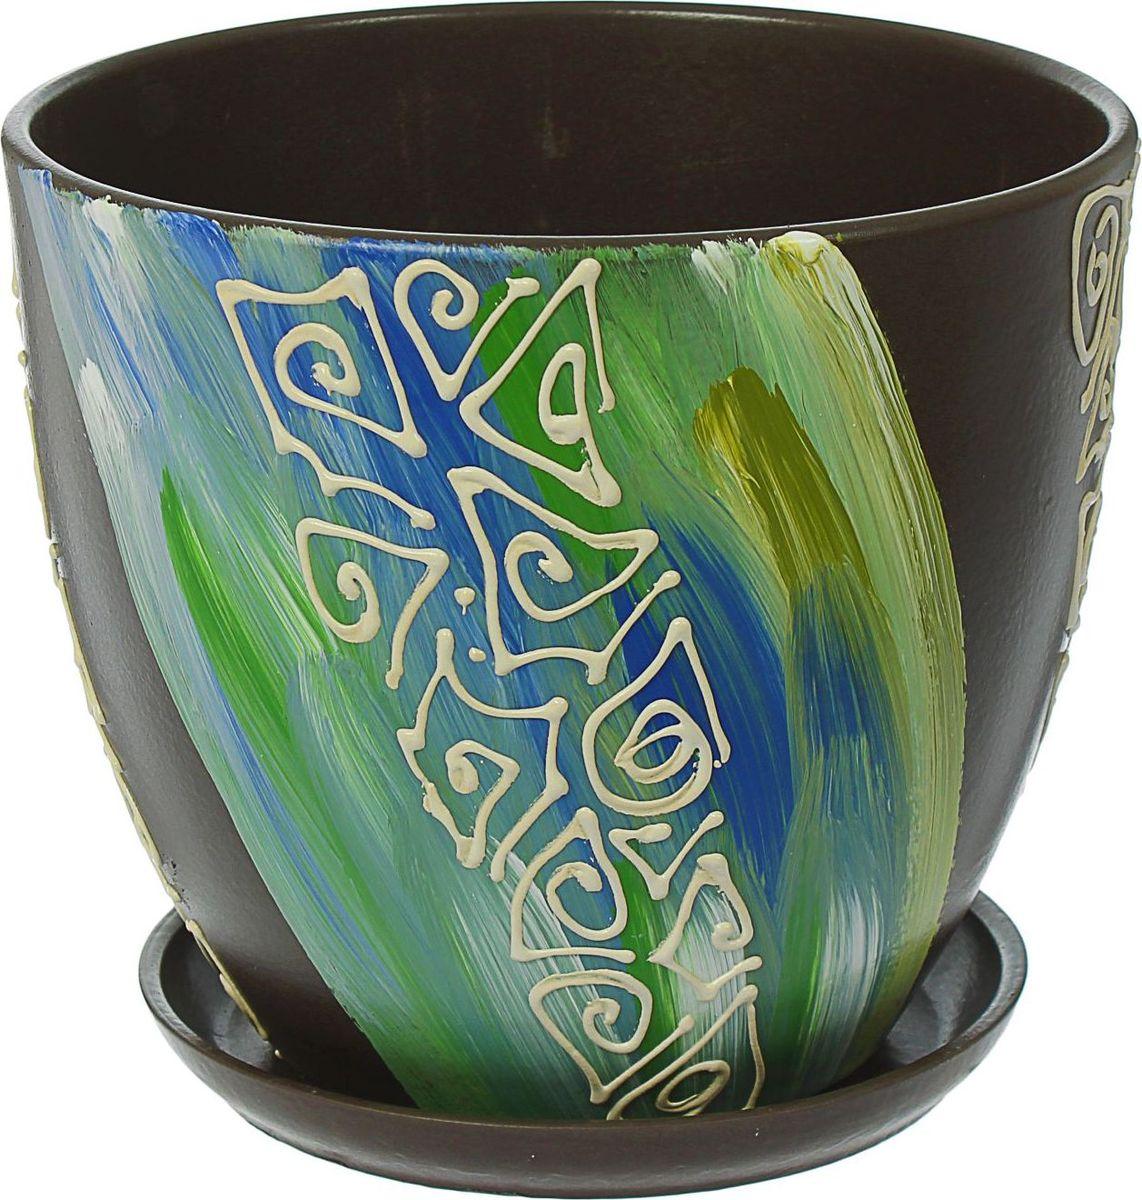 Кашпо Аква, 8,5 л1437934Комнатные растения — всеобщие любимцы. Они радуют глаз, насыщают помещение кислородом и украшают пространство. Каждому из них необходим свой удобный и красивый дом. Кашпо из керамики прекрасно подходят для высадки растений: за счёт пластичности глины и разных способов обработки существует великое множество форм и дизайновпористый материал позволяет испаряться лишней влагевоздух, необходимый для дыхания корней, проникает сквозь керамические стенки! #name# позаботится о зелёном питомце, освежит интерьер и подчеркнёт его стиль.